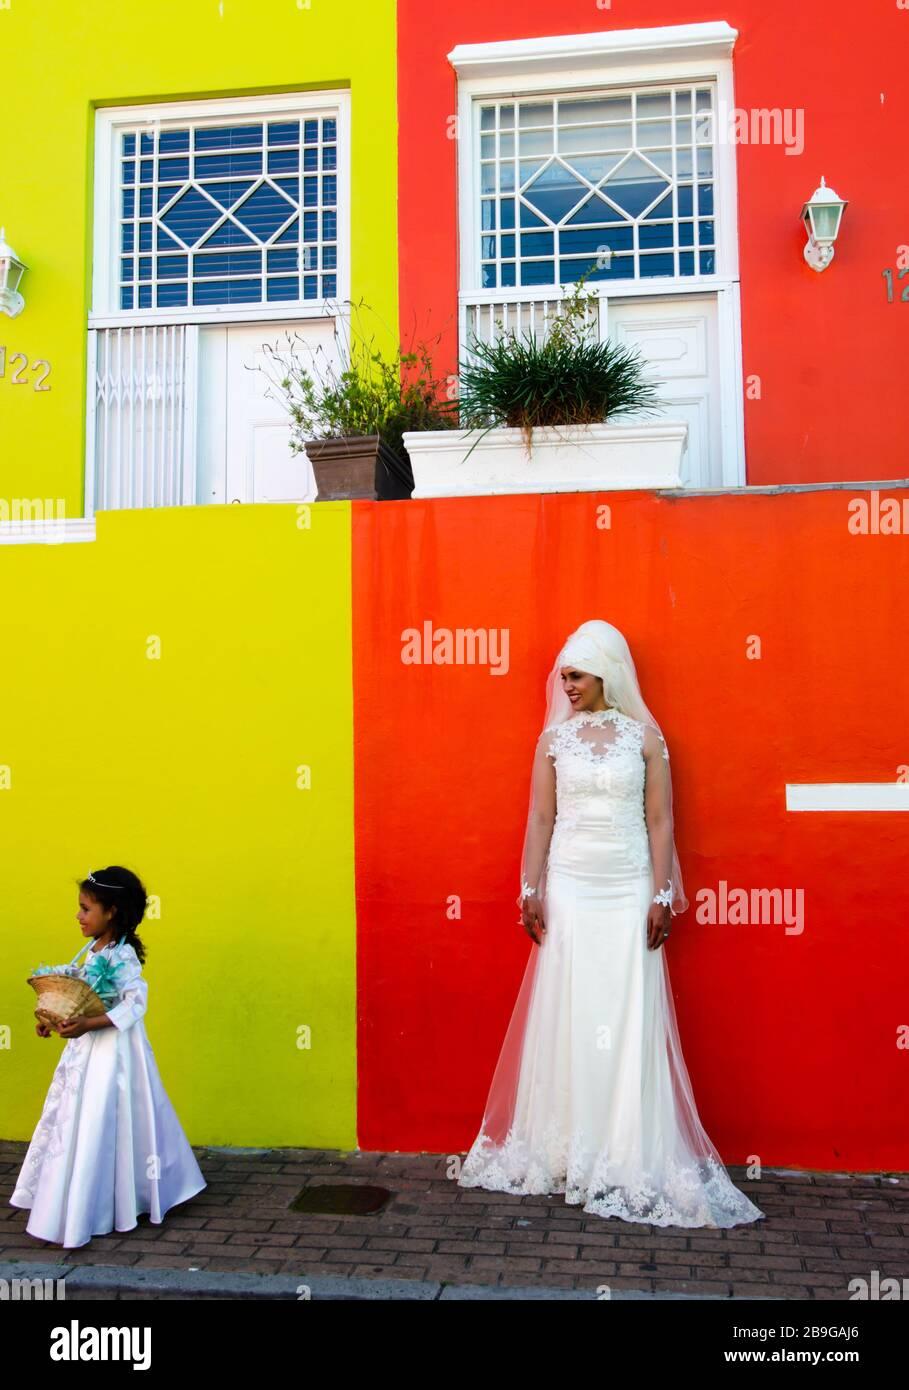 Afrikanisches Hochzeitskleid Stockfotos und -bilder Kaufen - Alamy